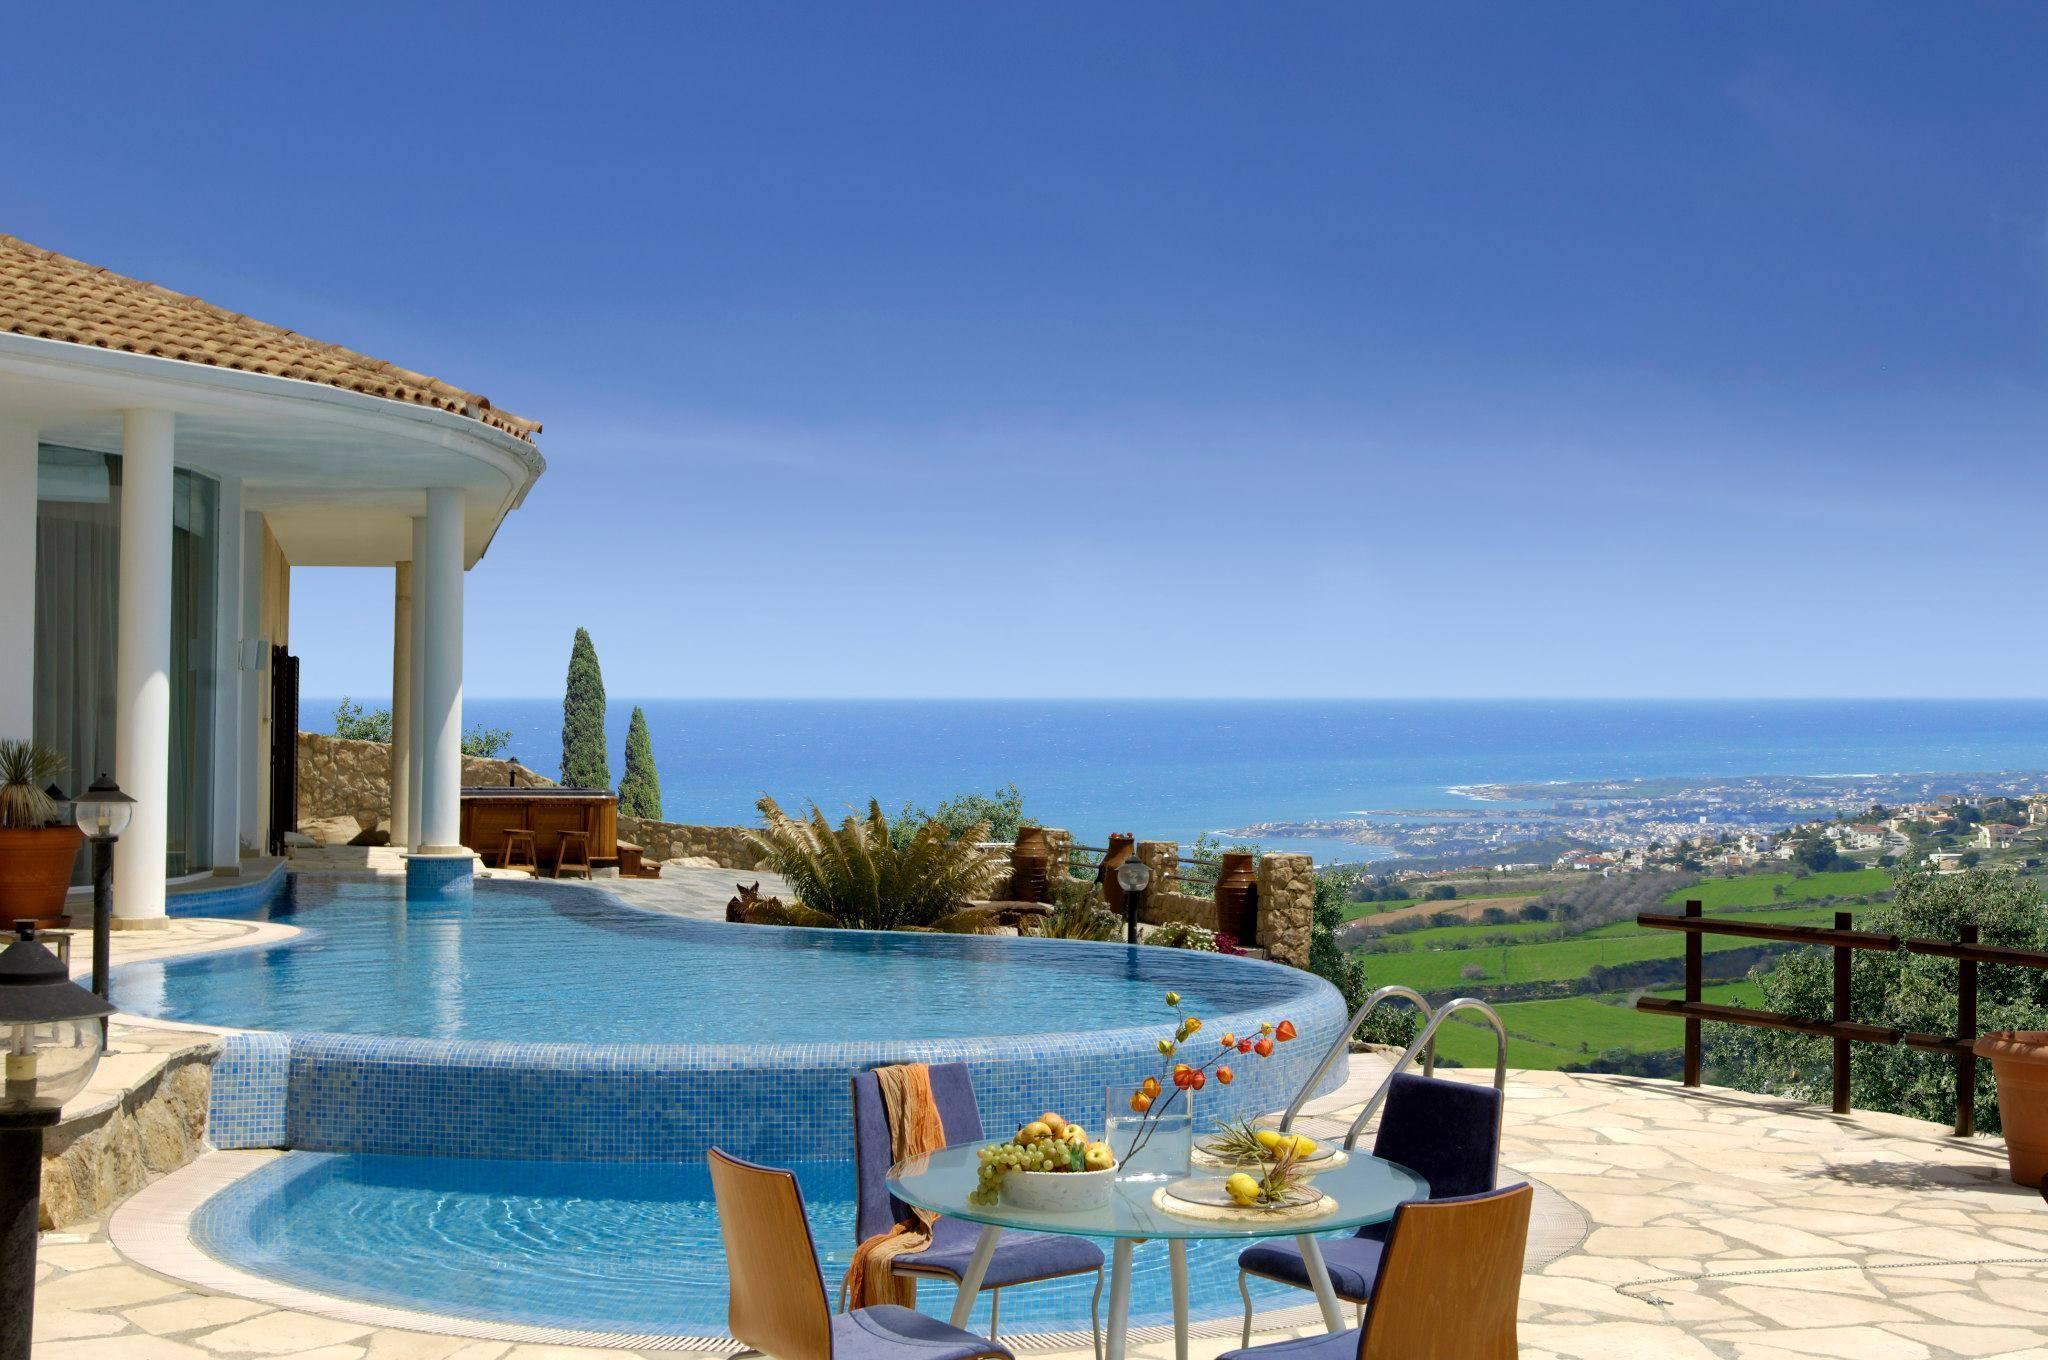 Как должна выглядеть идеальная недвижимость на Кипре?